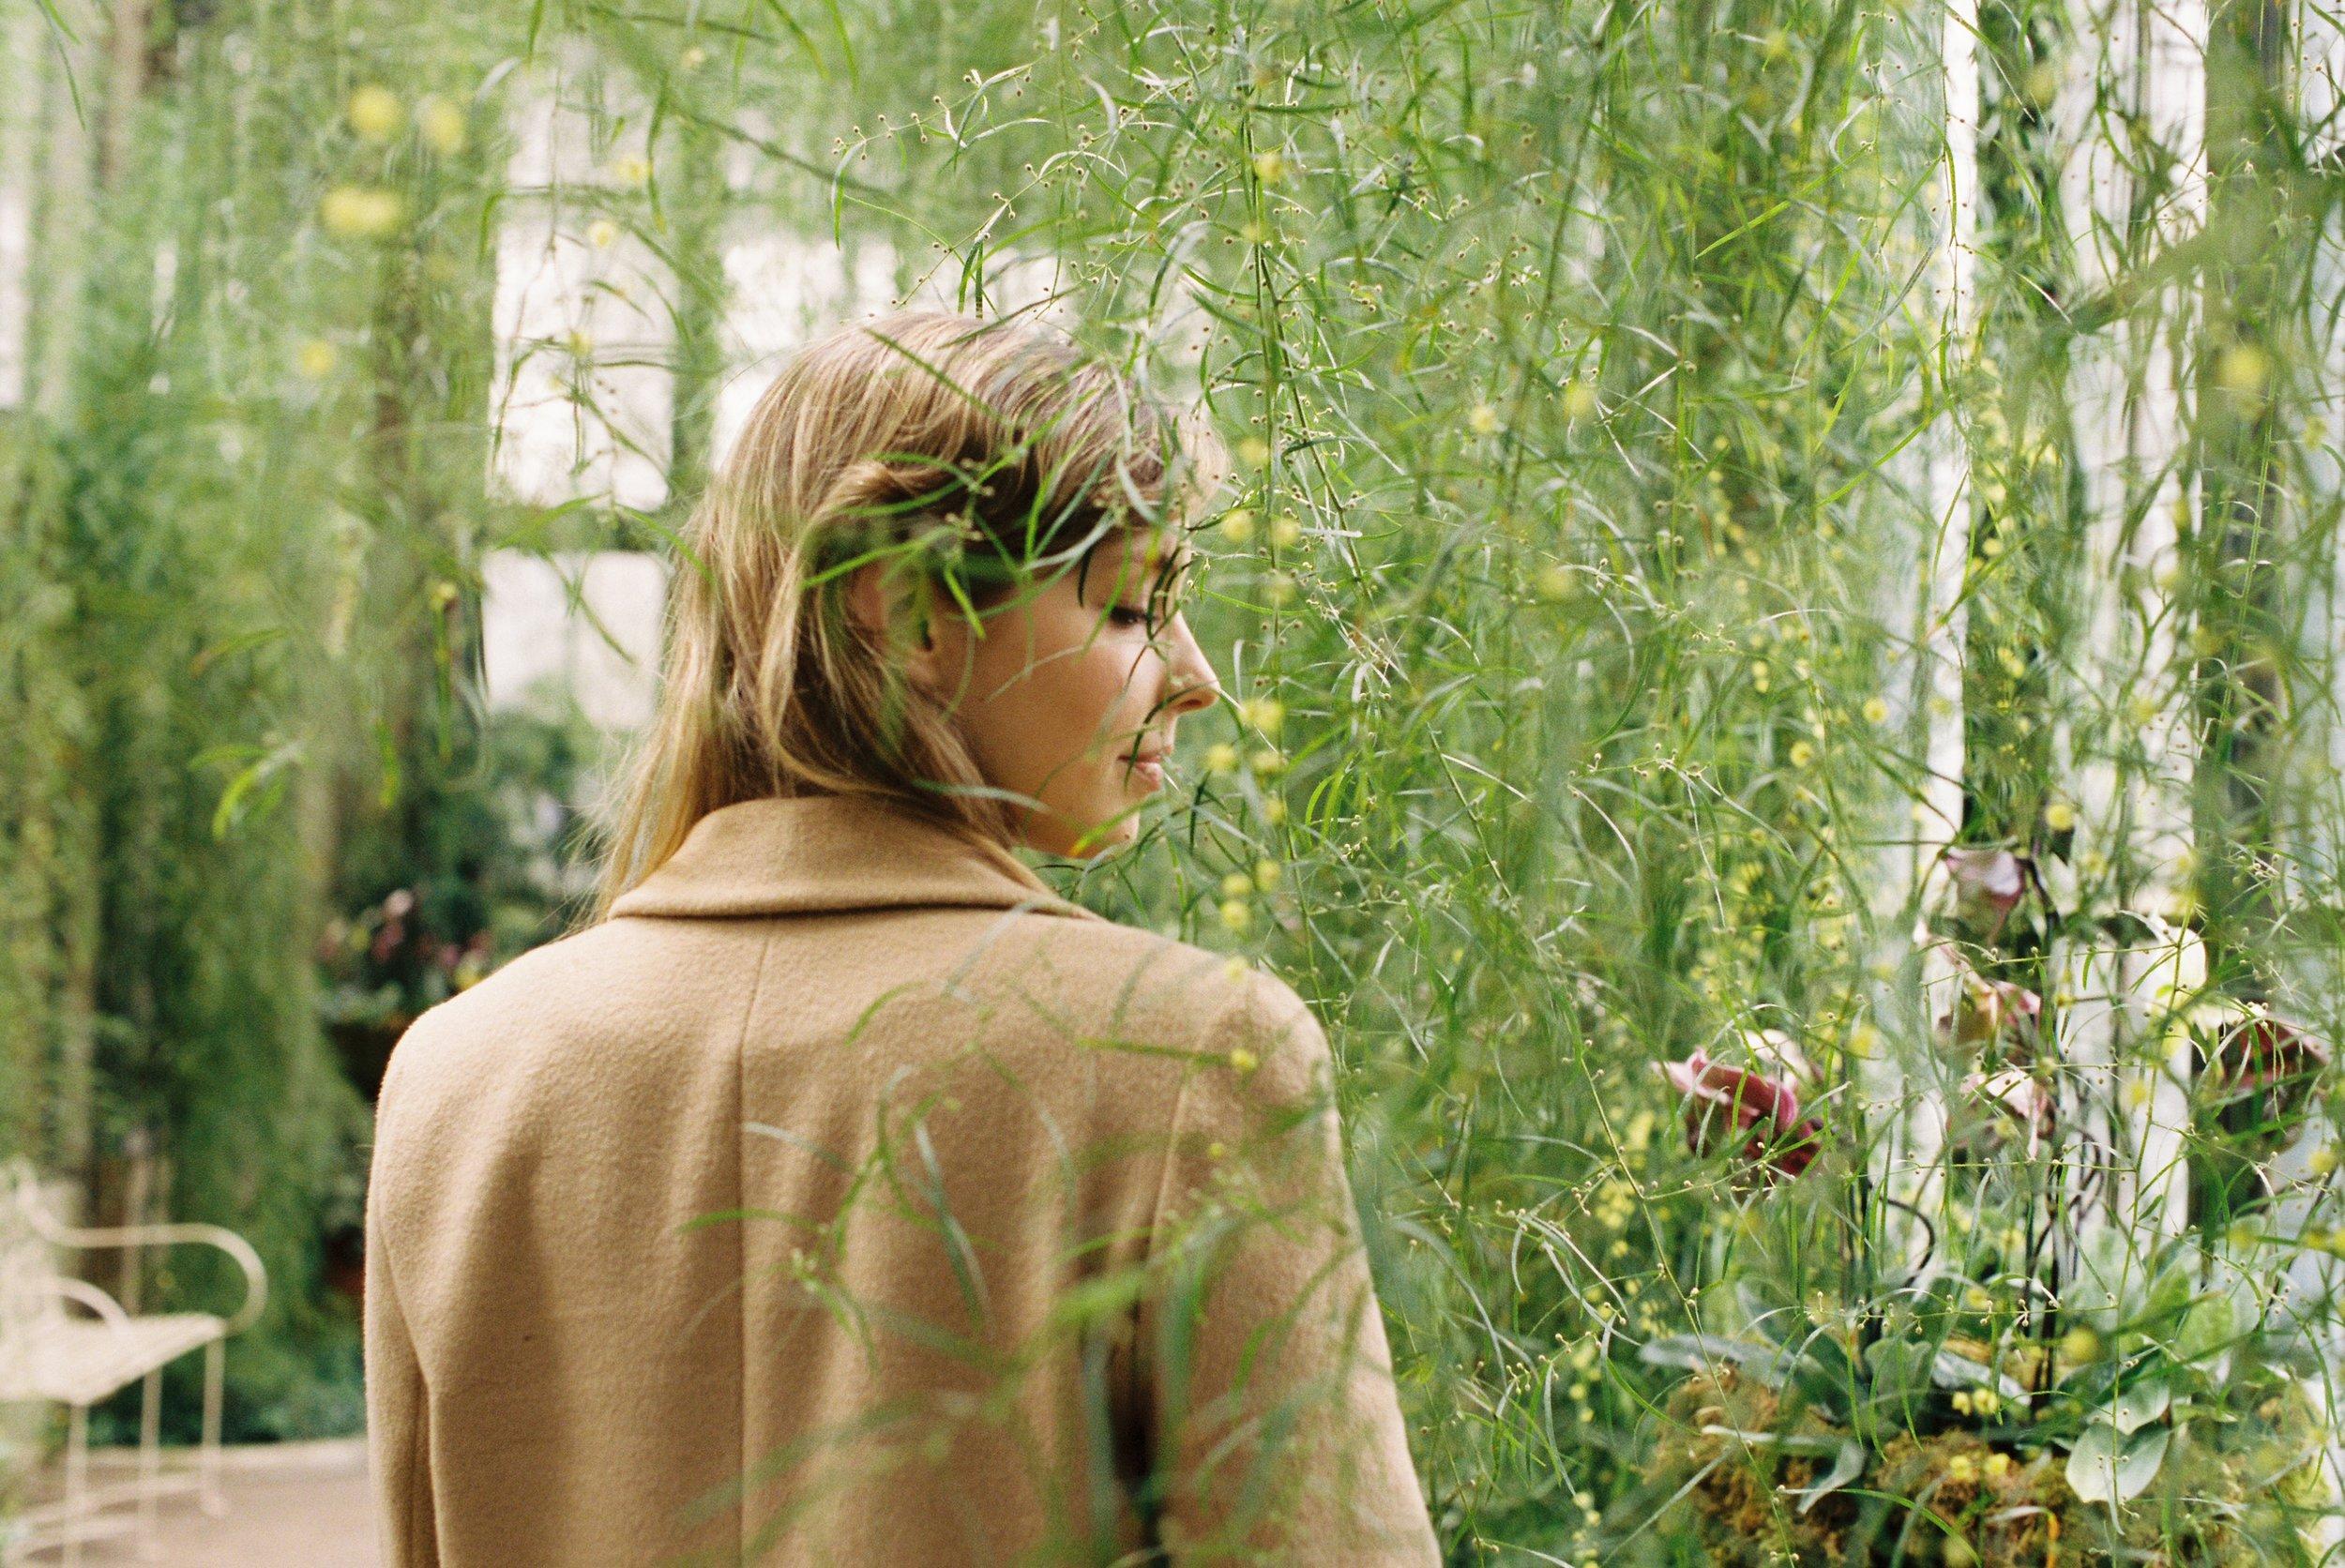 04 - The Light in the Leaves Pt. IV.jpg